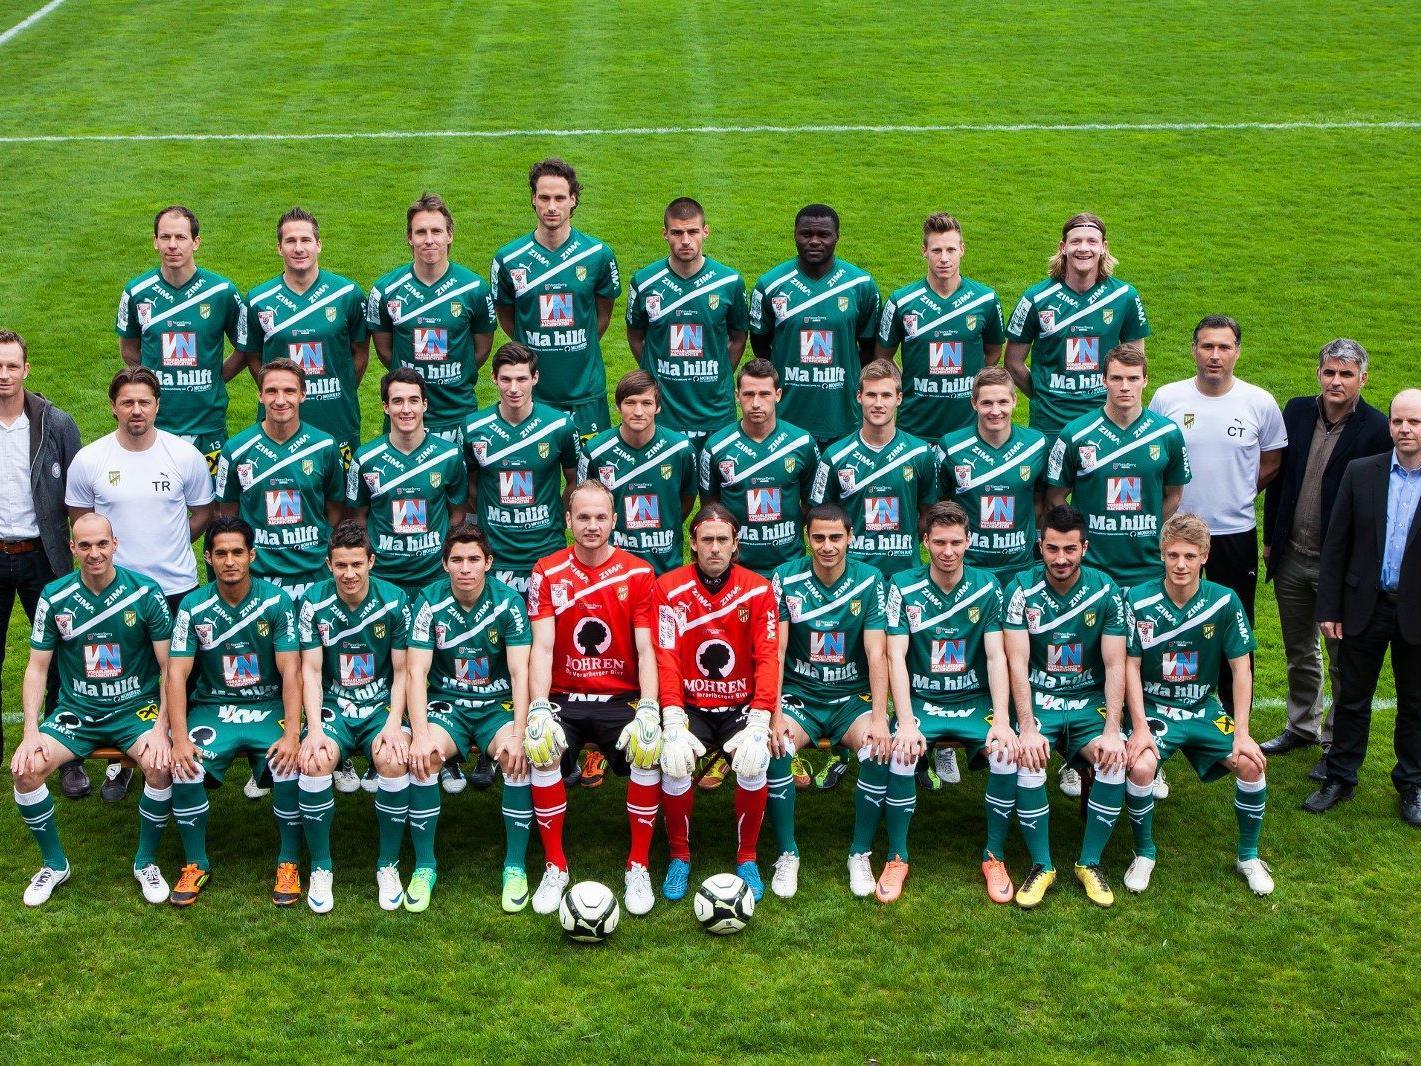 Die Mannschaft der Lustenauer Austria präsentiert ihr Trikot, mit dem sie im Derby am 17. April gegen Altach antreten wird.